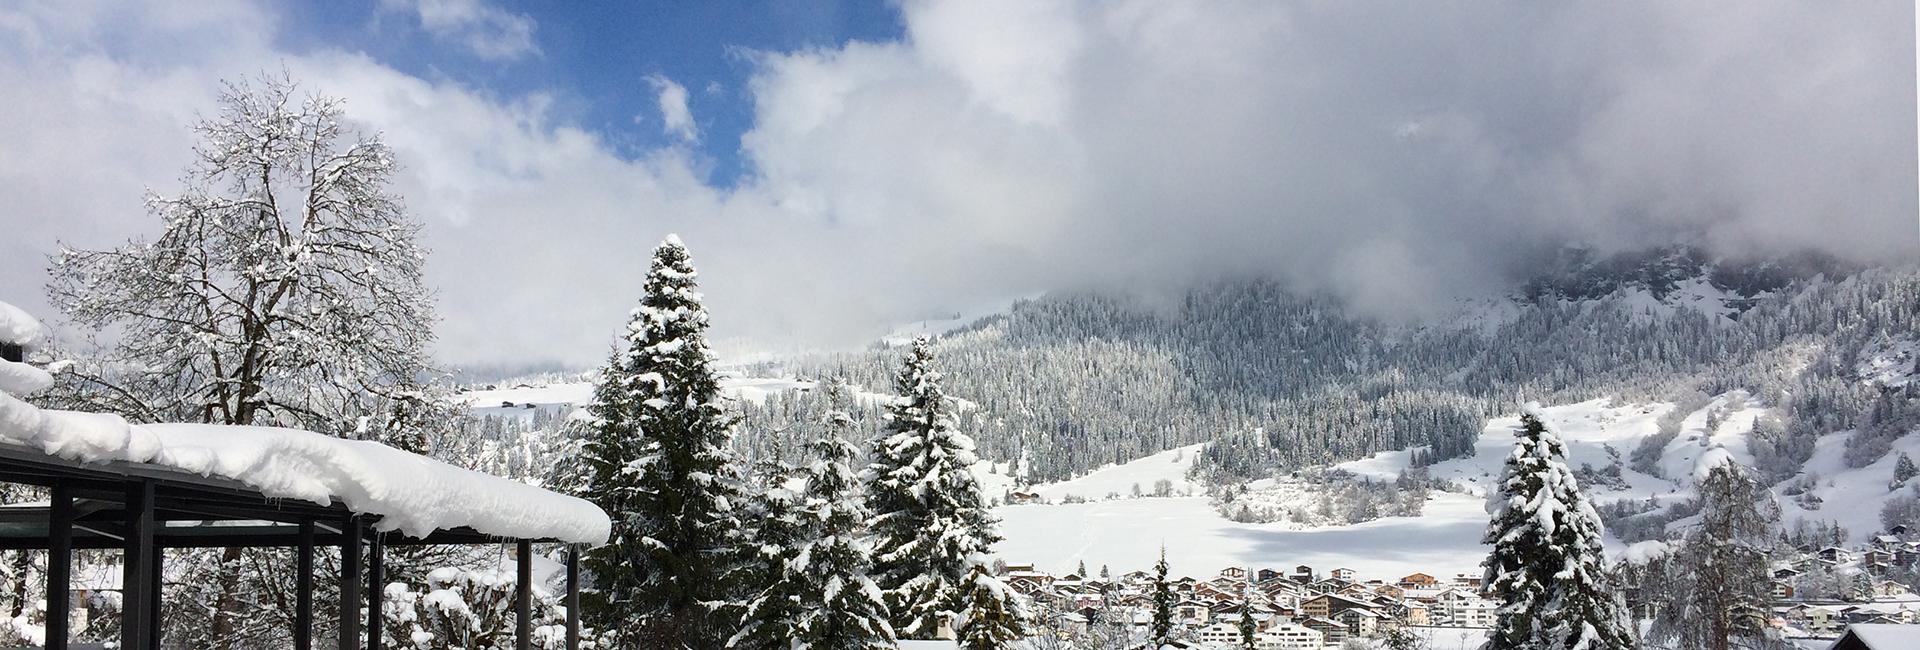 Aussicht in die winterliche Bergwelt von Flims